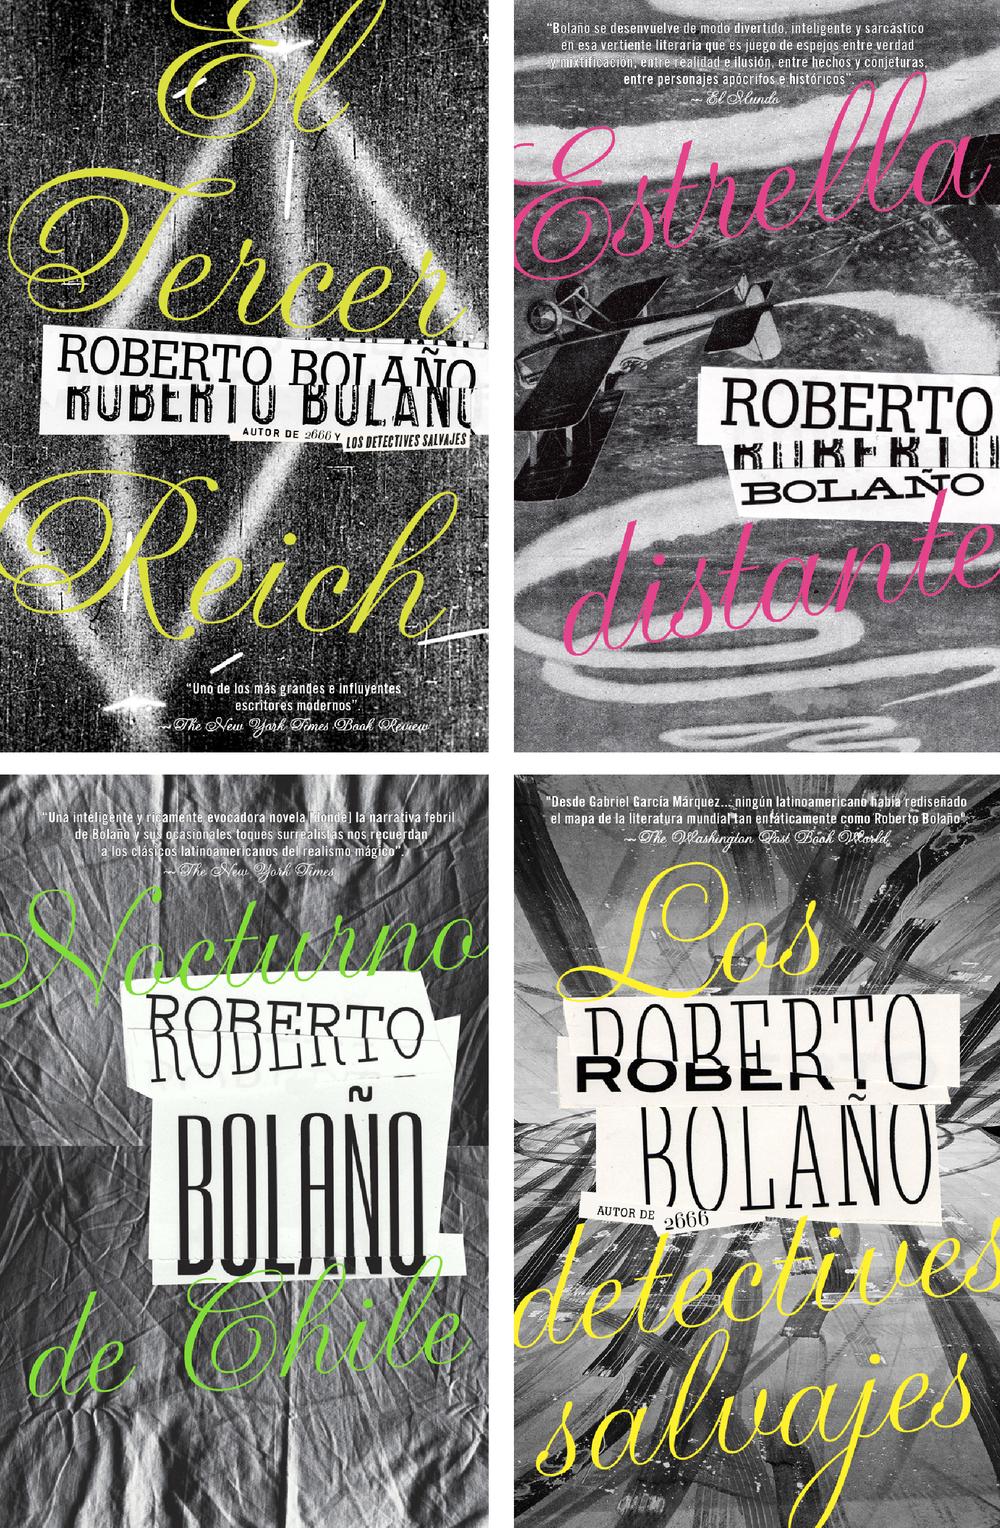 ROBERTO BOLAÑO COVER SERIES